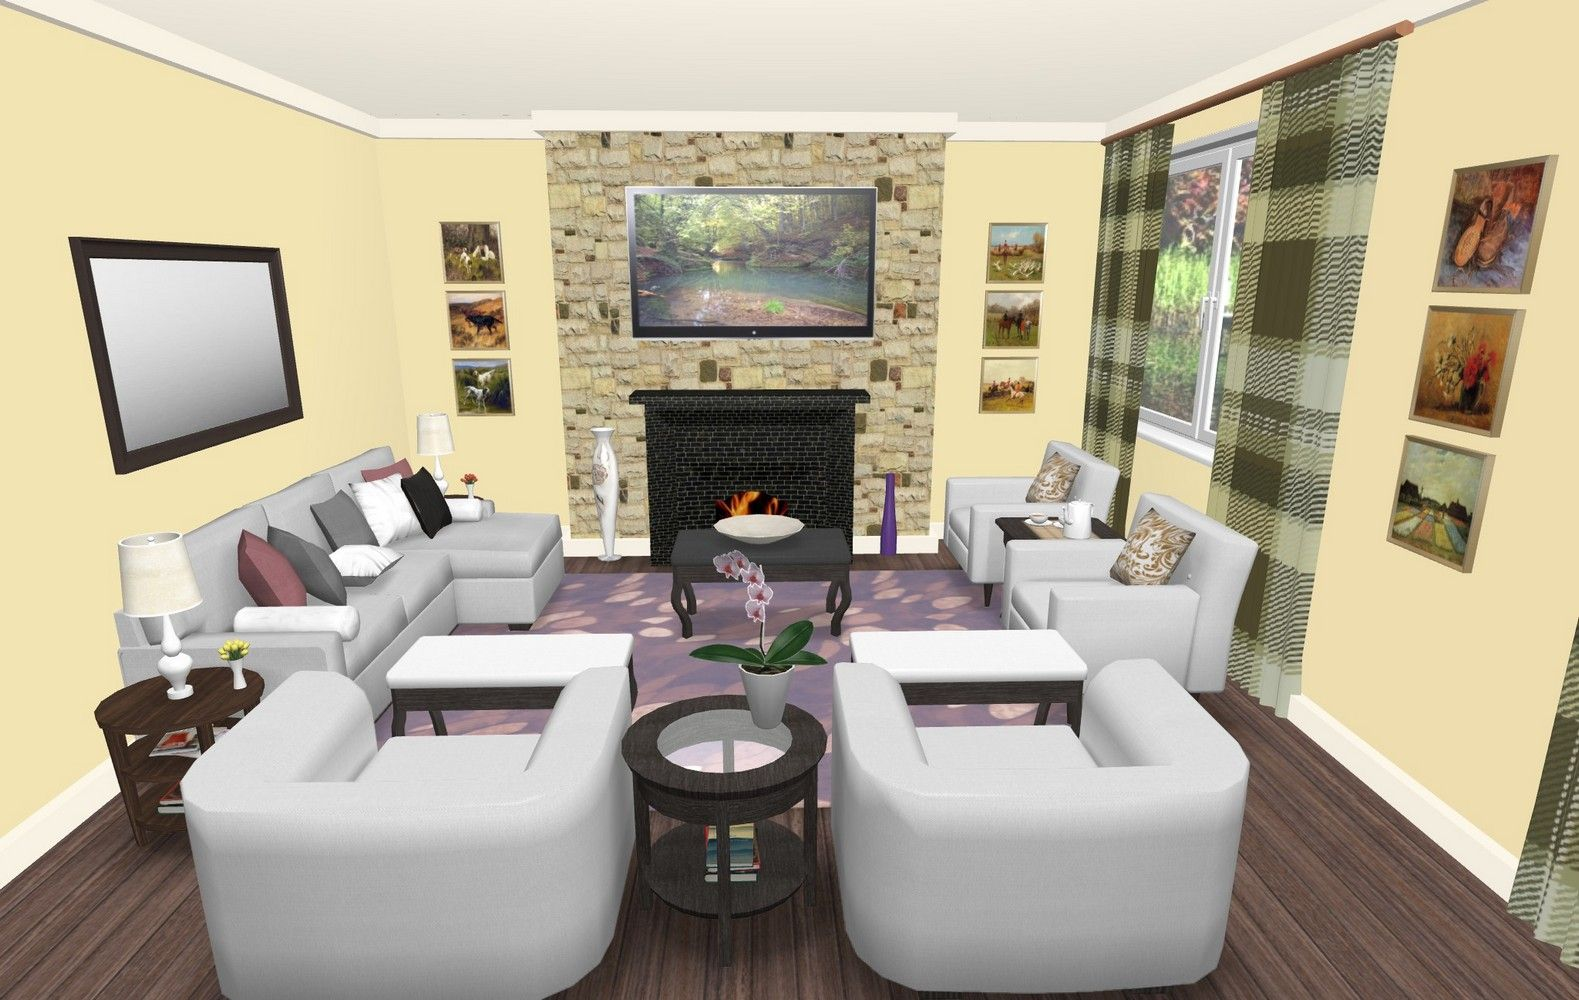 Interior Design For Ipad The Most Professional Interior Design